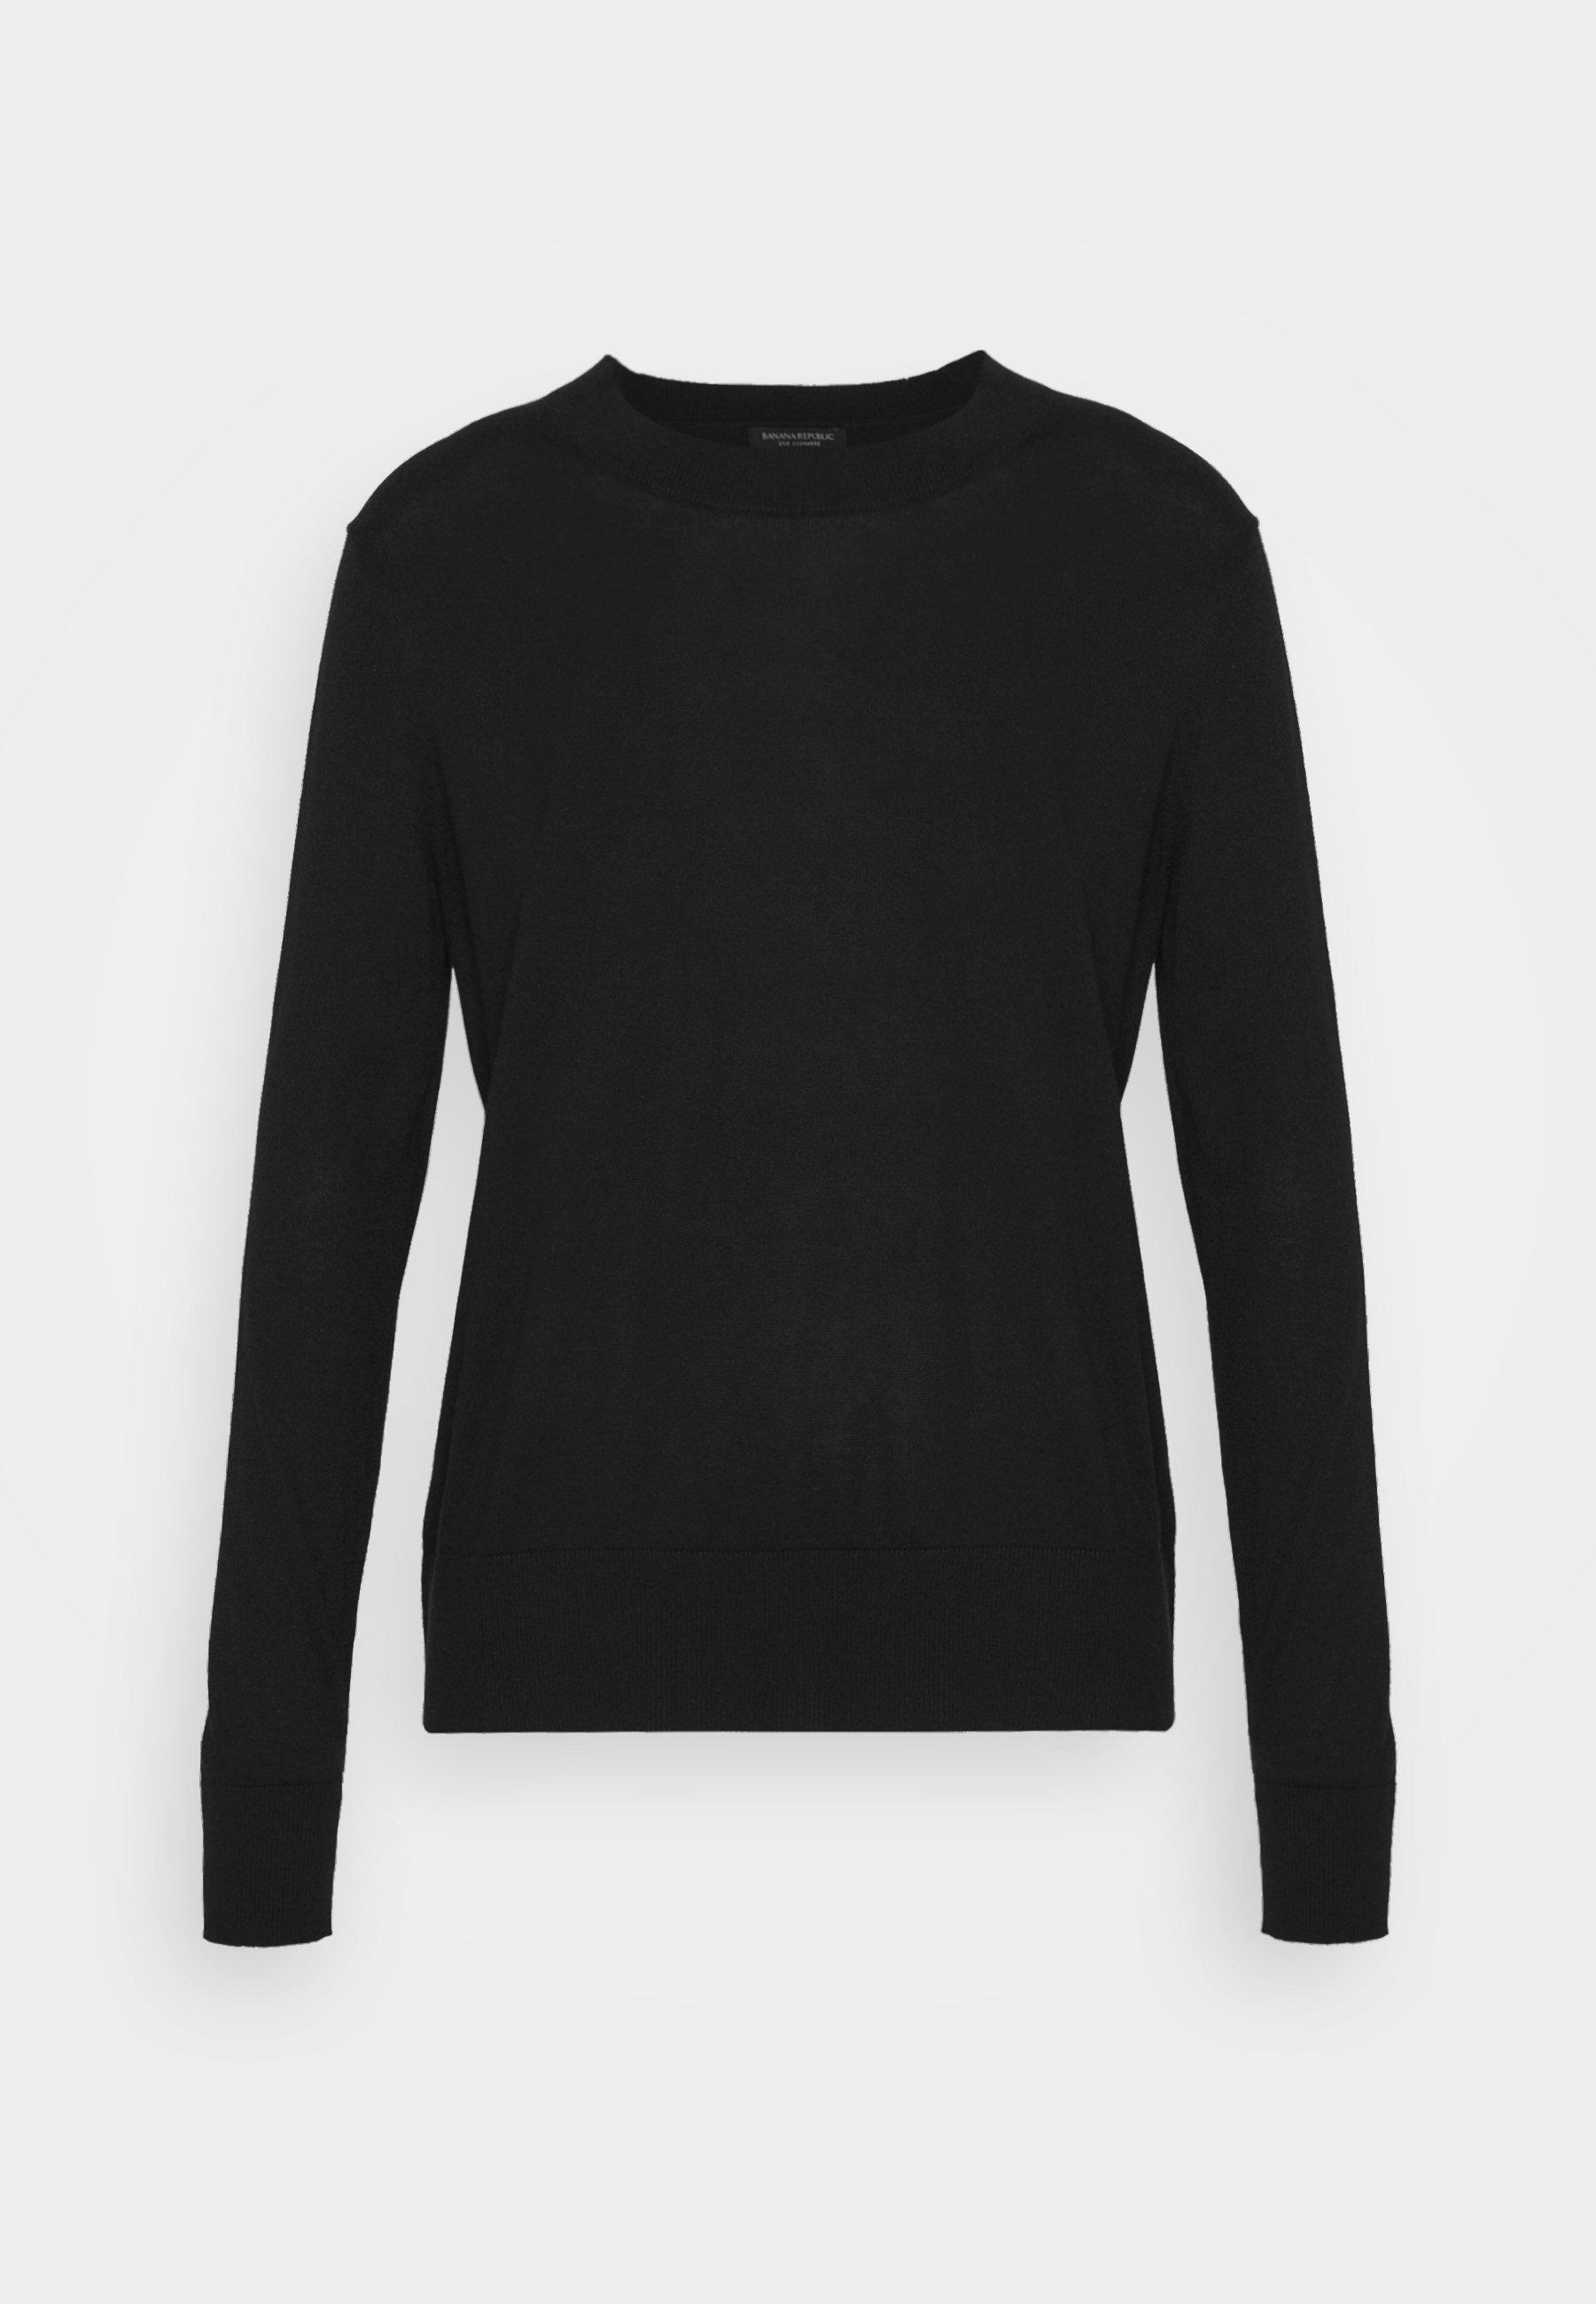 Zwarte Banana Republic Cashmere trui online kopen | ZALANDO